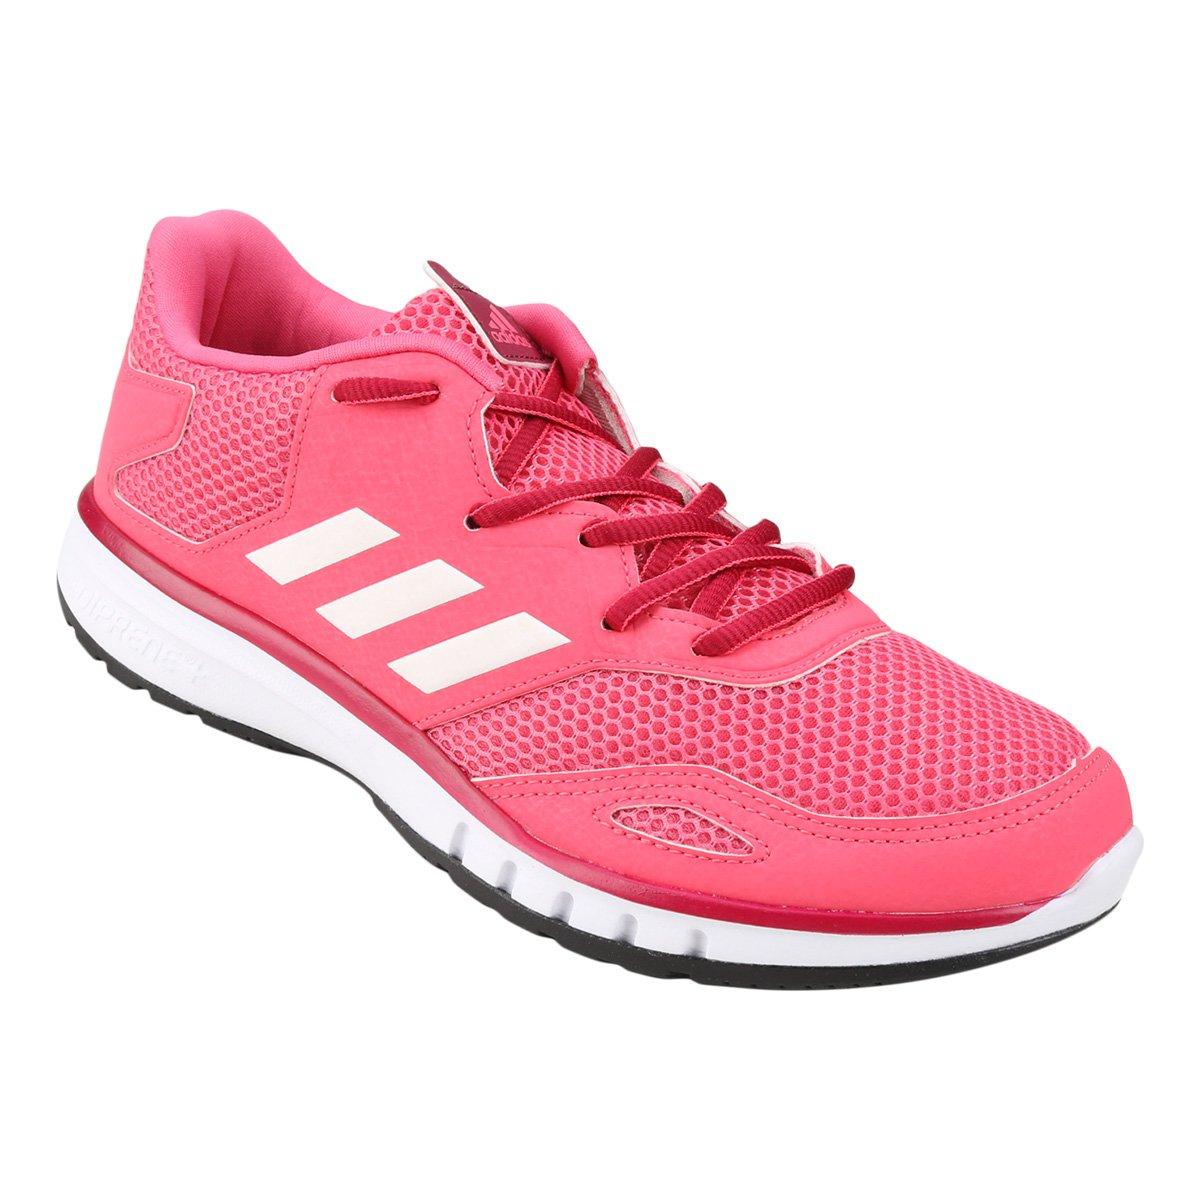 Tênis Adidas Protostar Feminino - Rosa e Pink - Compre Agora  6d9ce12a4ac28